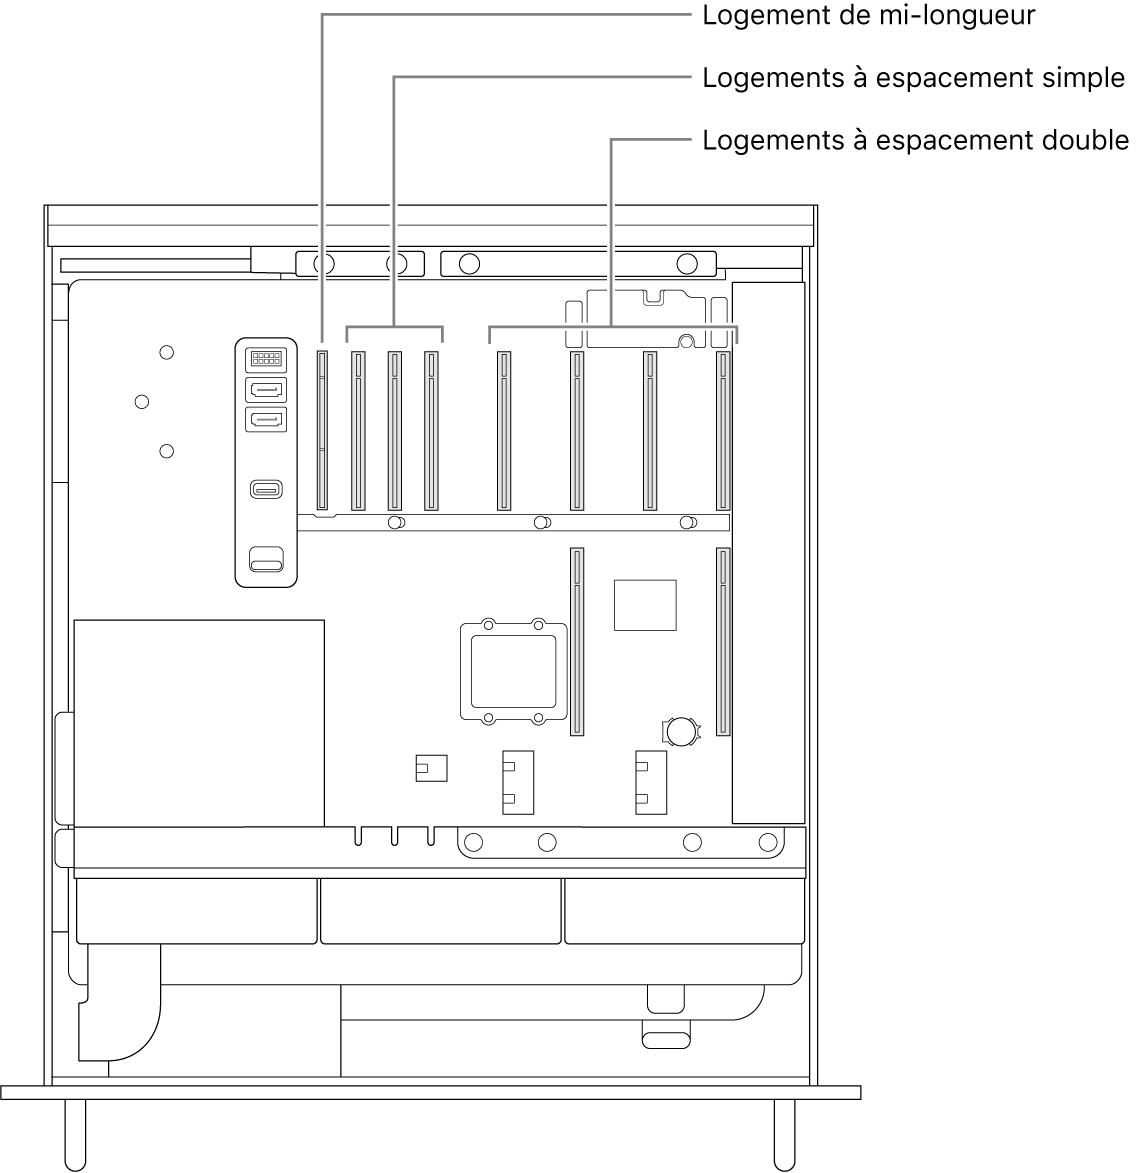 Le côté du MacPro ouvert avec des légendes pour indiquer les emplacements des quatre logements double largeur, des trois logements simple largeur et du logement demi-longueur.